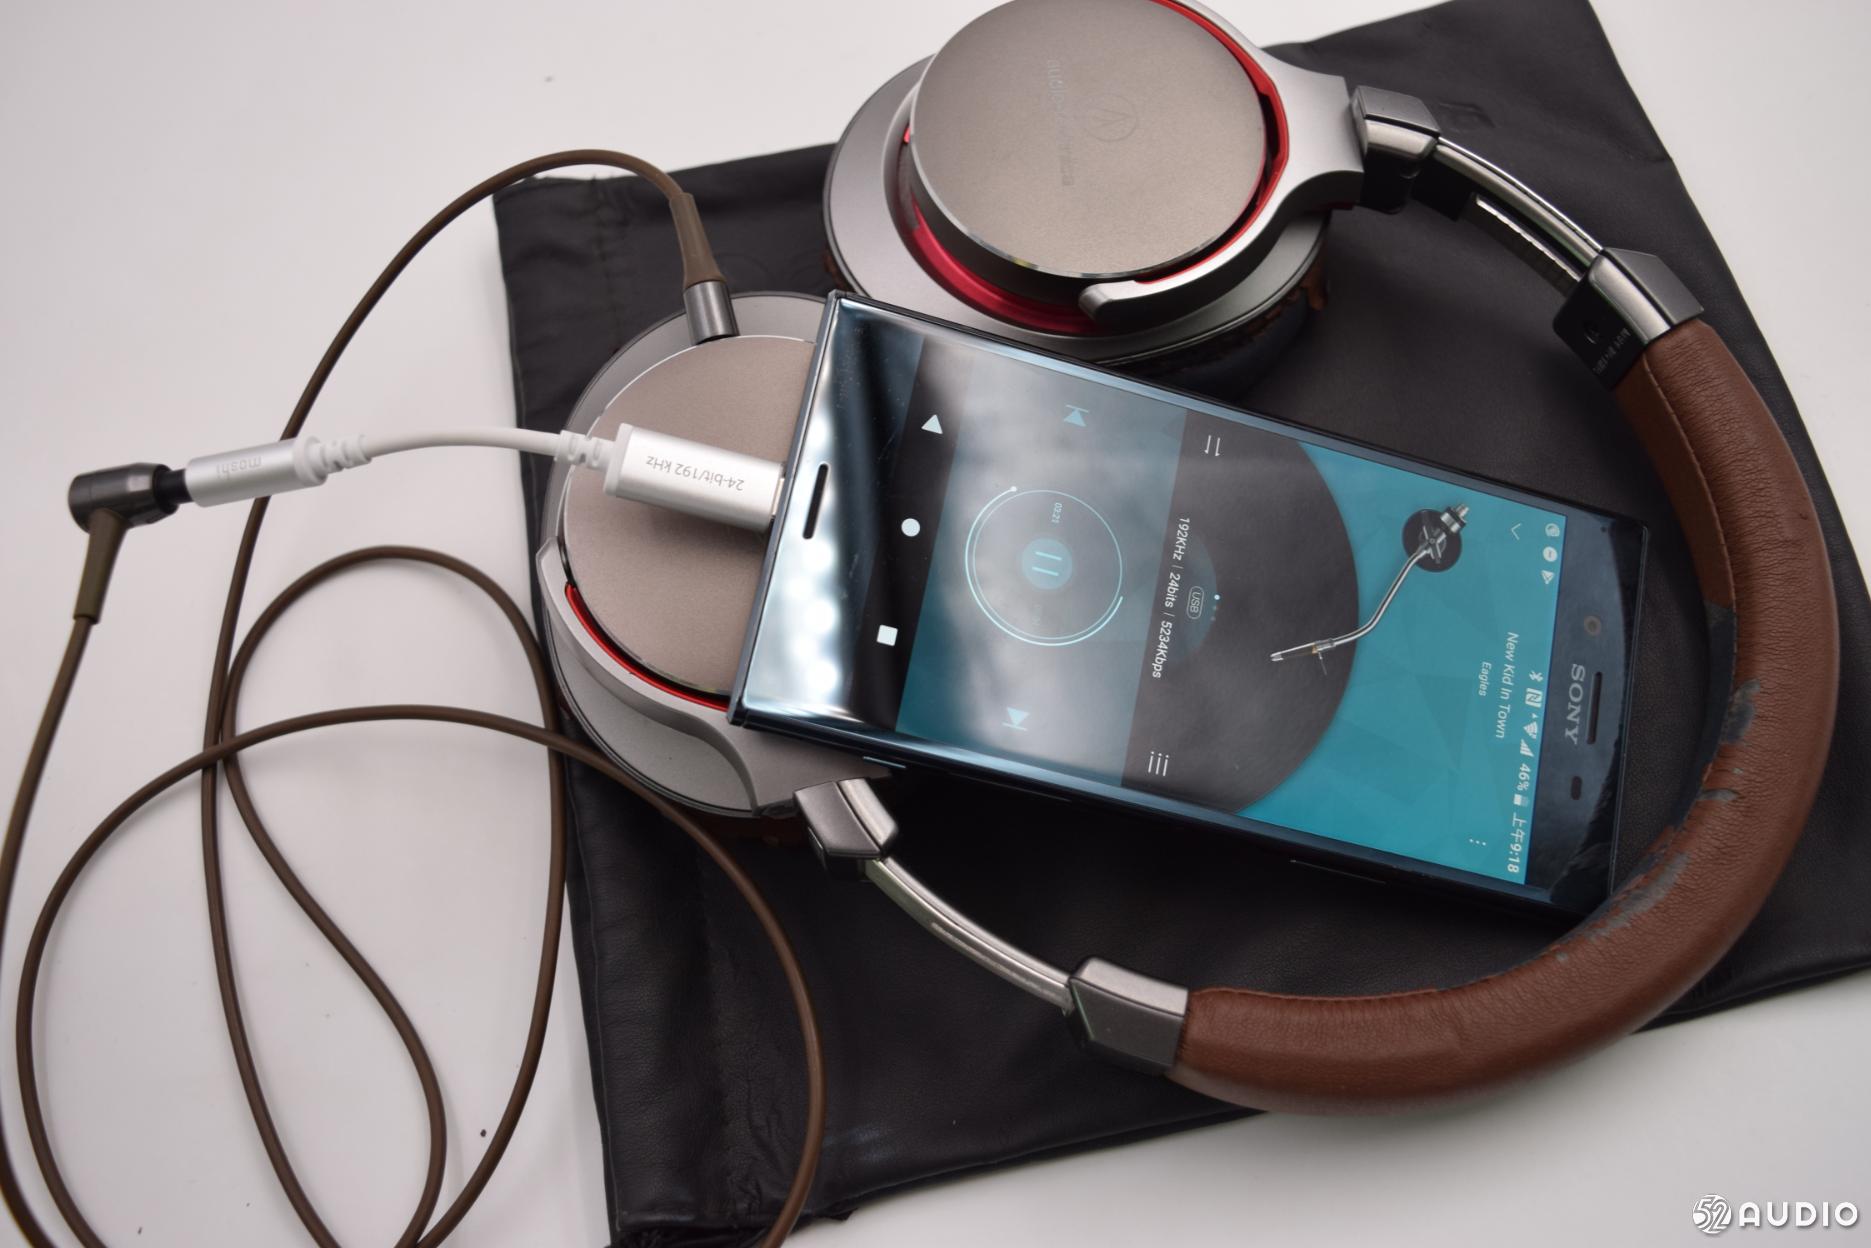 两款USB Type-C音频转换器体验:HTC USB-C to 3.5mm、Moshi摩仕Type-C音频转换器-我爱音频网